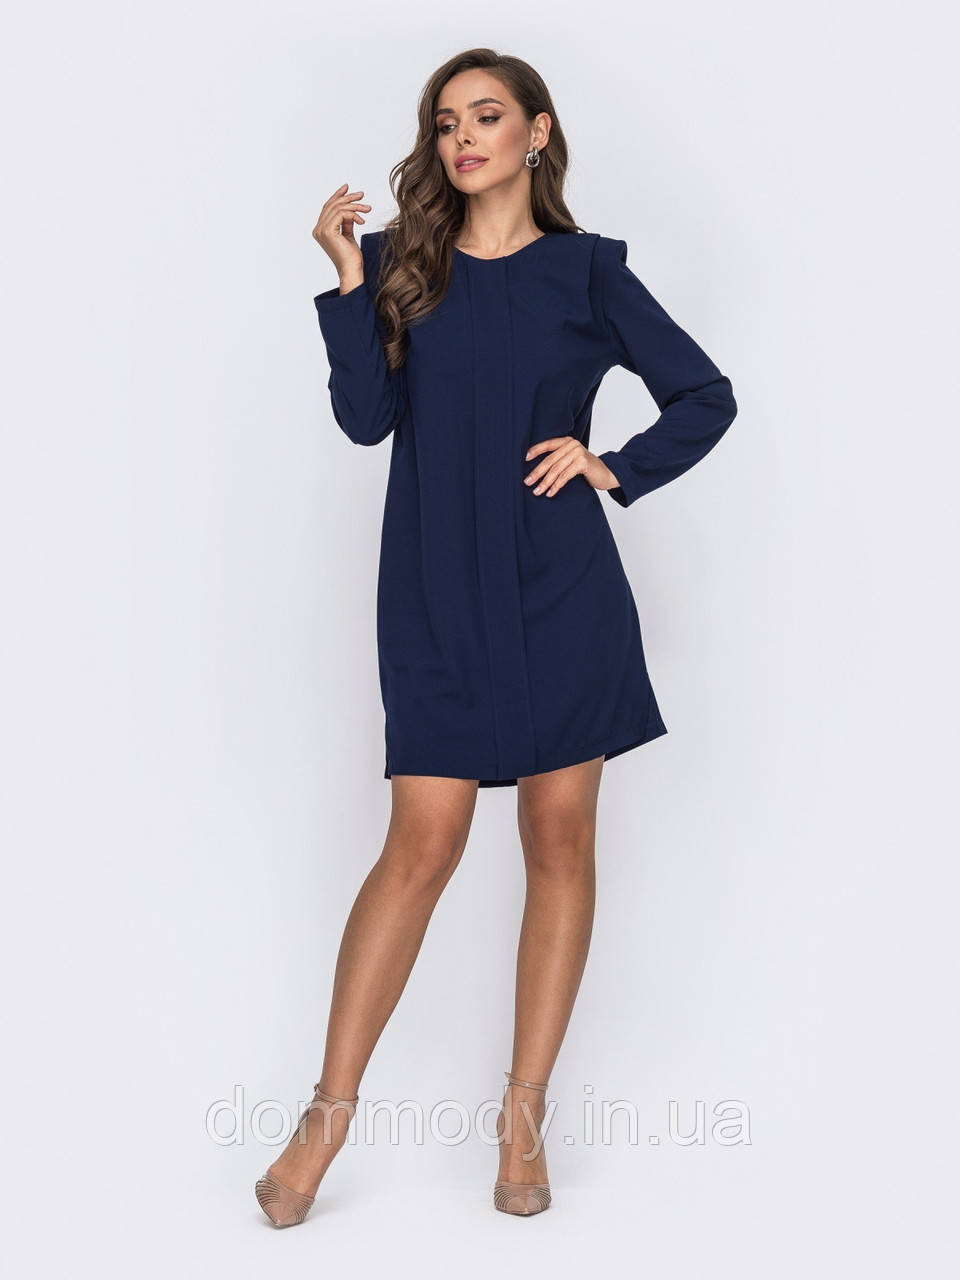 Платье женское Rita blue